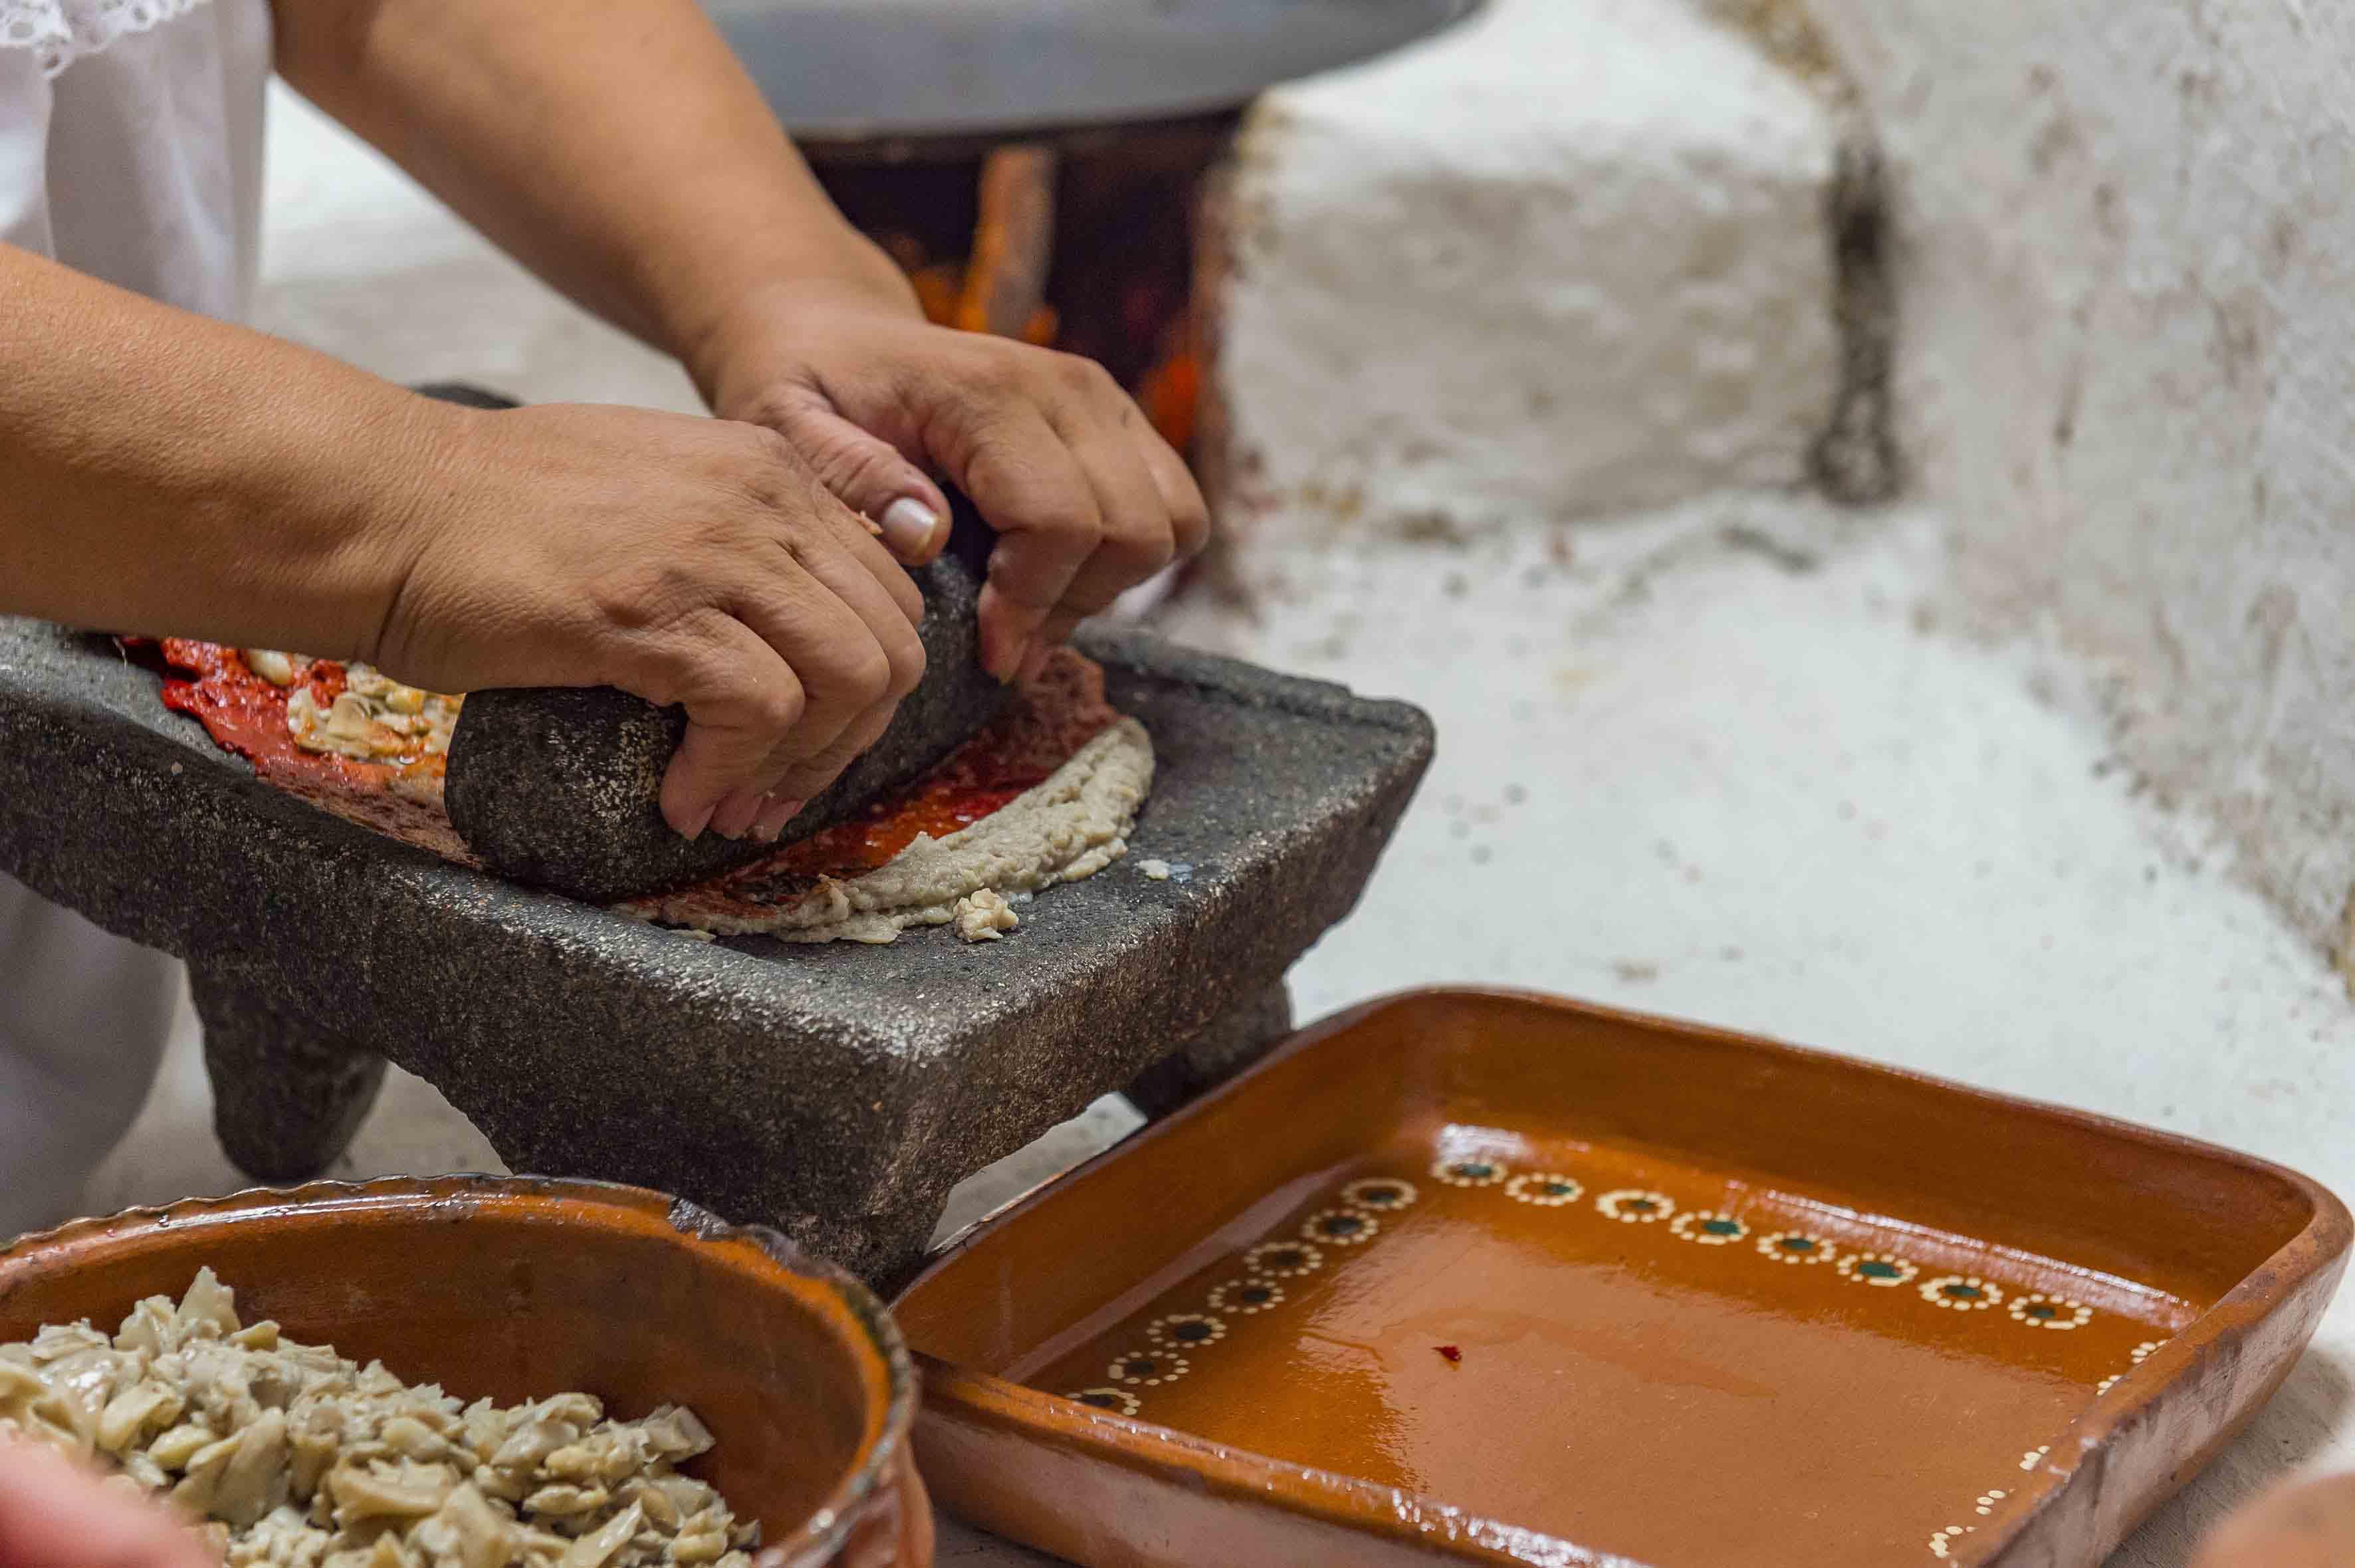 Mujer de la región, elaborando platillos en el metate, con diferentes especies de hongos.